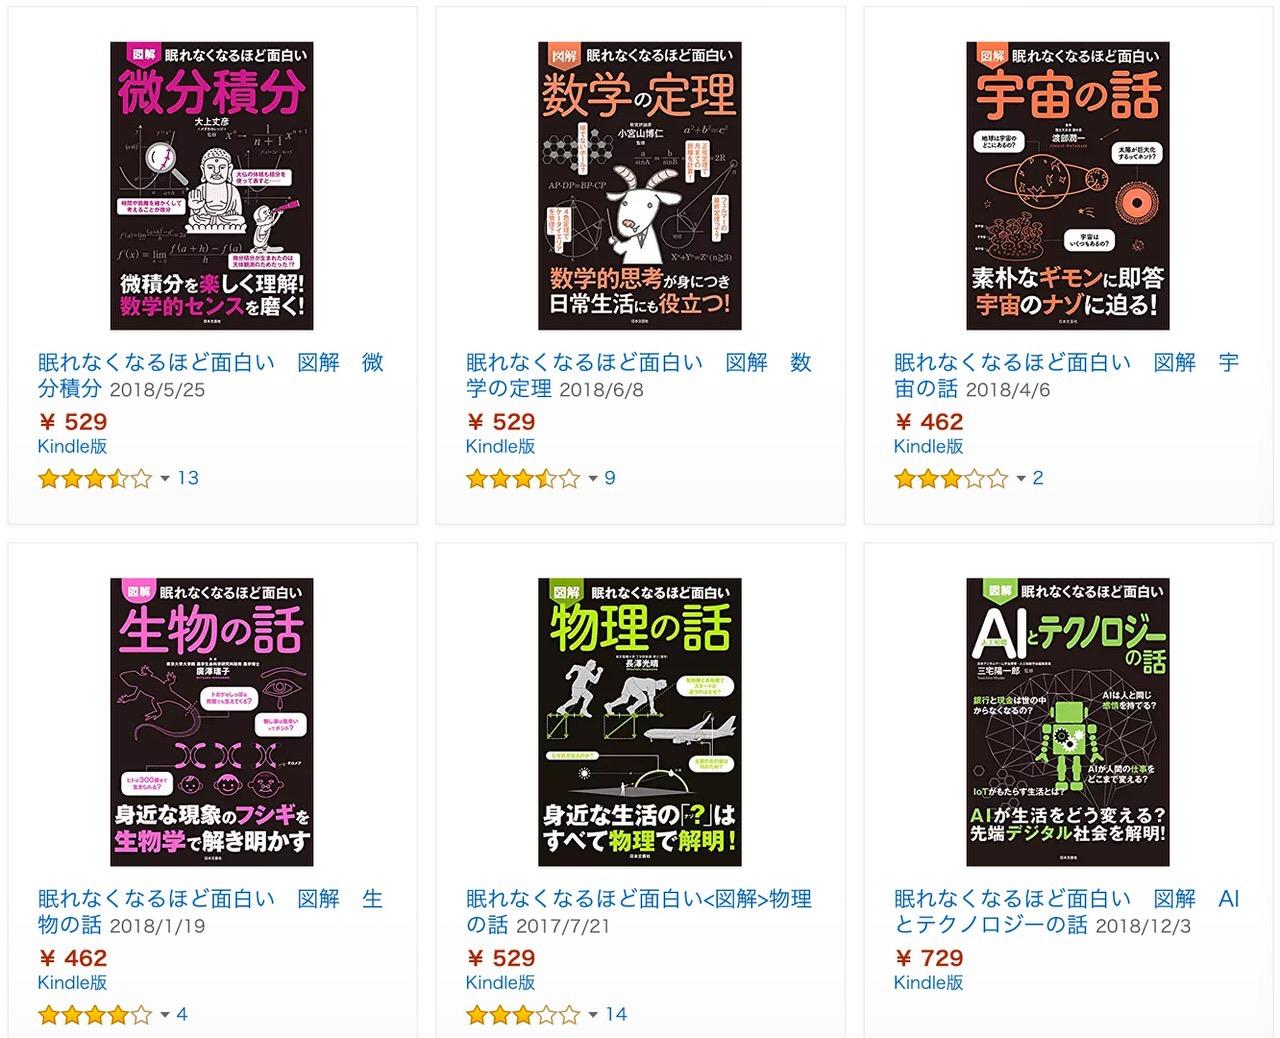 【Kindleセール】最大80%OFF「イラスト・図解でよくわかる!眠れなくなるほど面白い実用書フェア」(12/27まで)